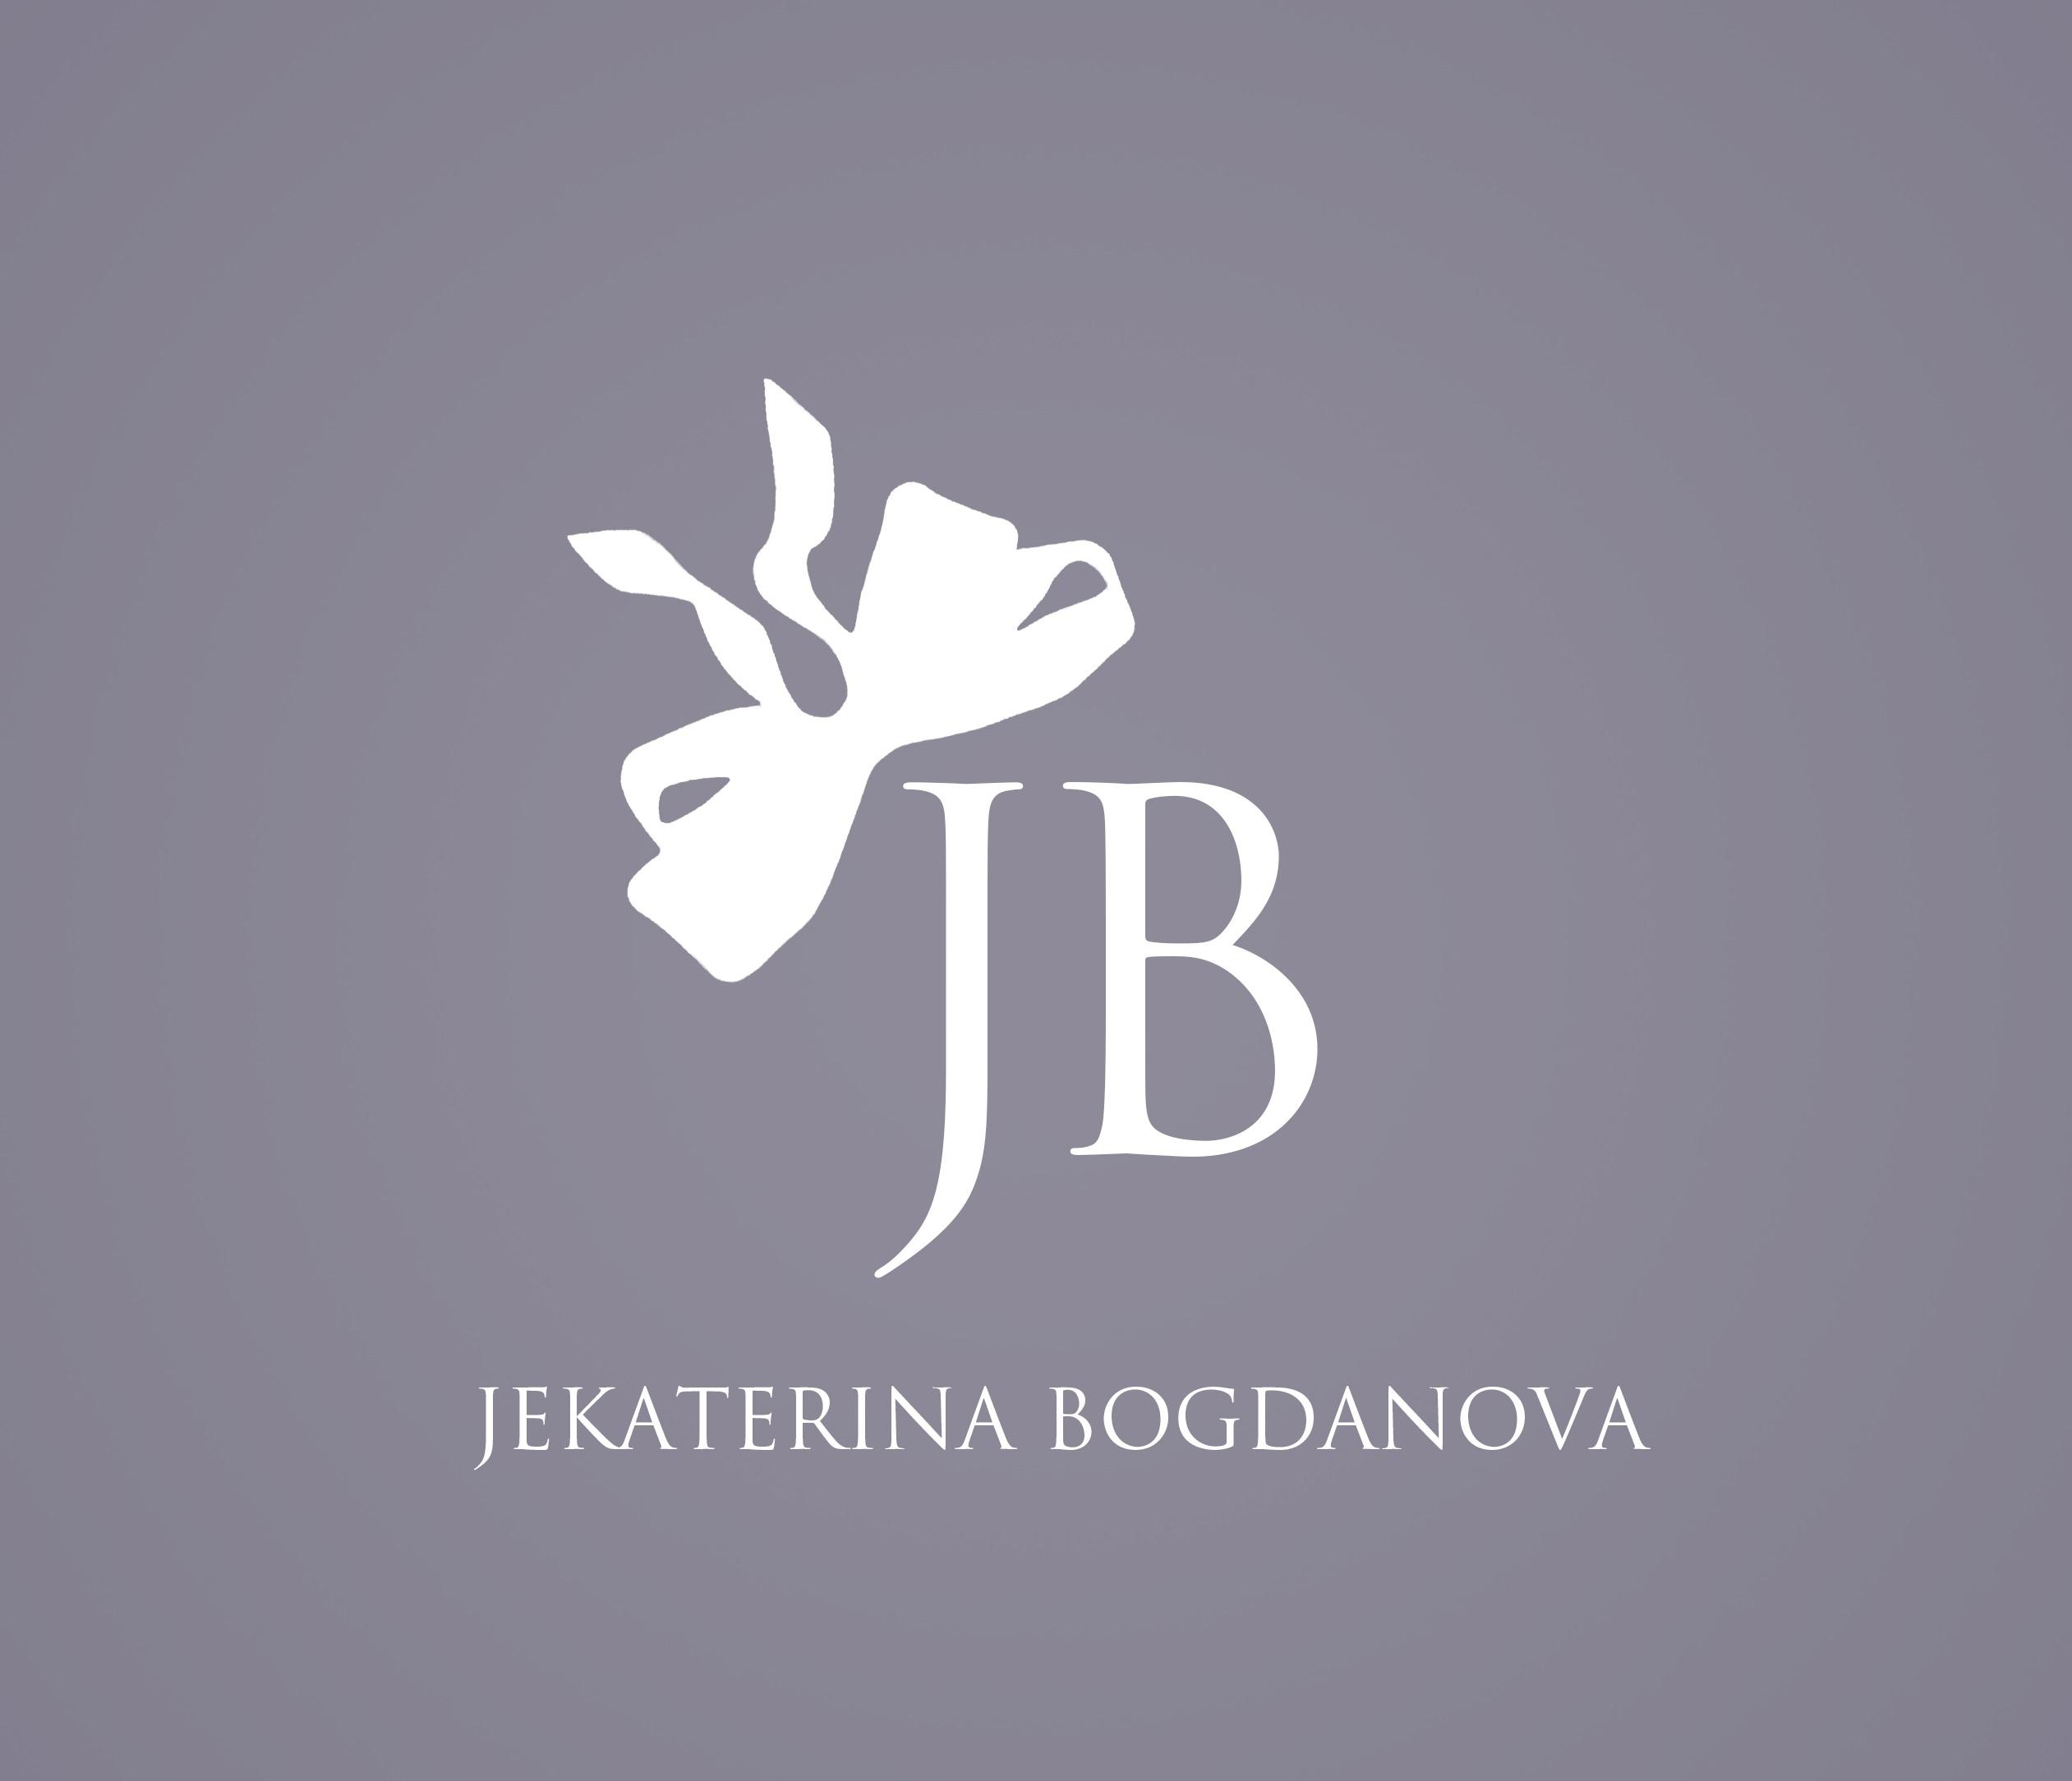 Jekaterina Bogdanova's Signature